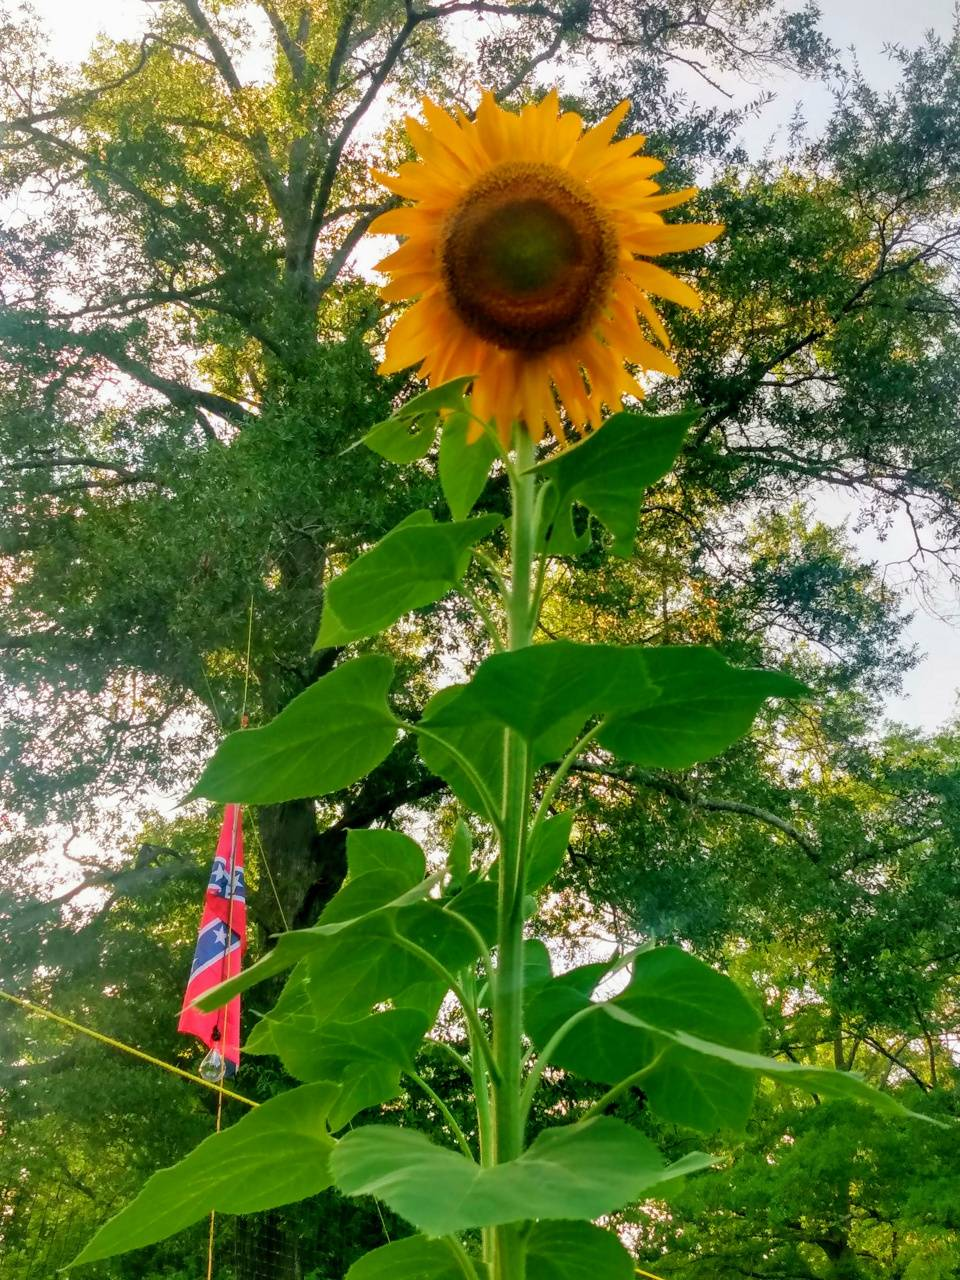 Redneck sunflower